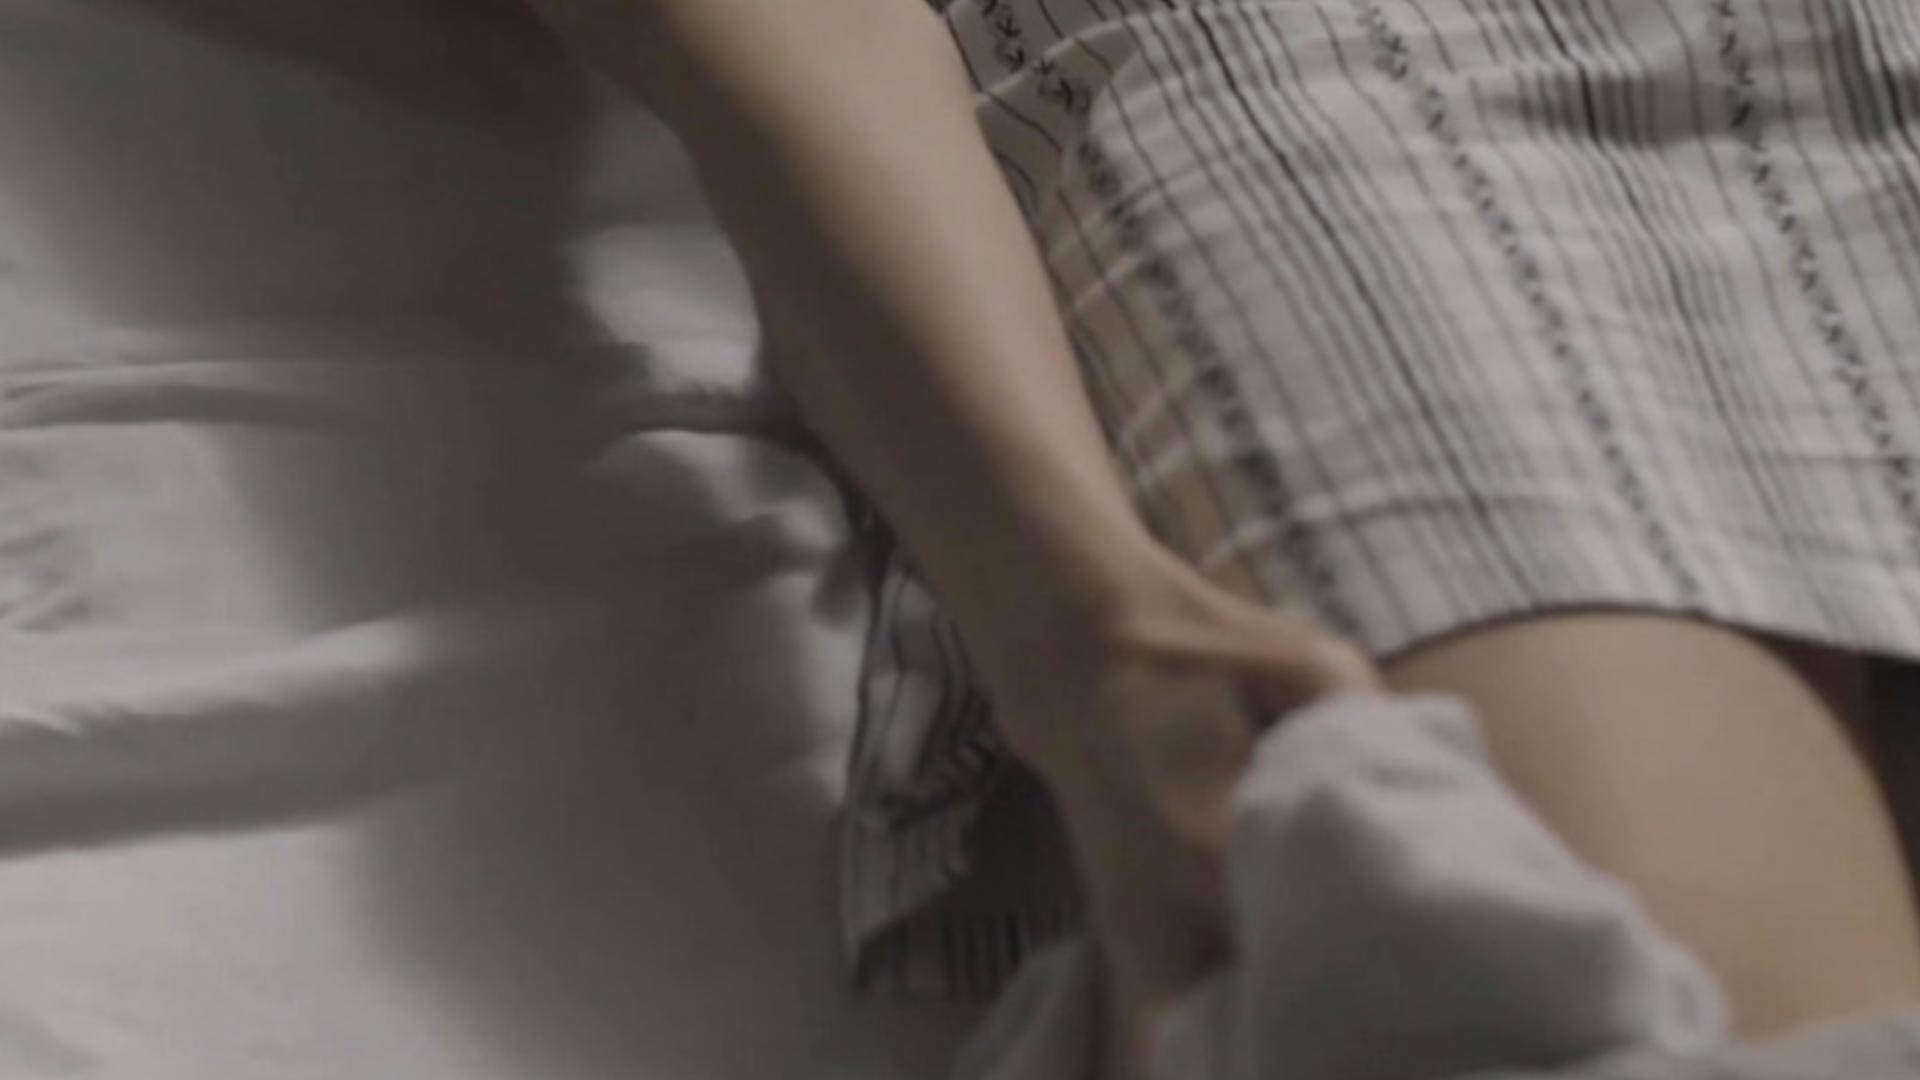 盘点看过的那些有意思的韩影片段九十九